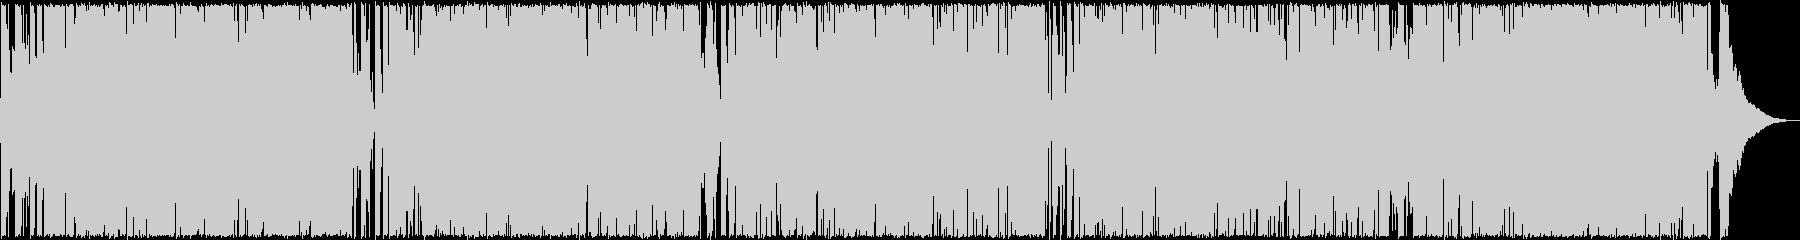 ロックンロール調のギターサウンドの未再生の波形